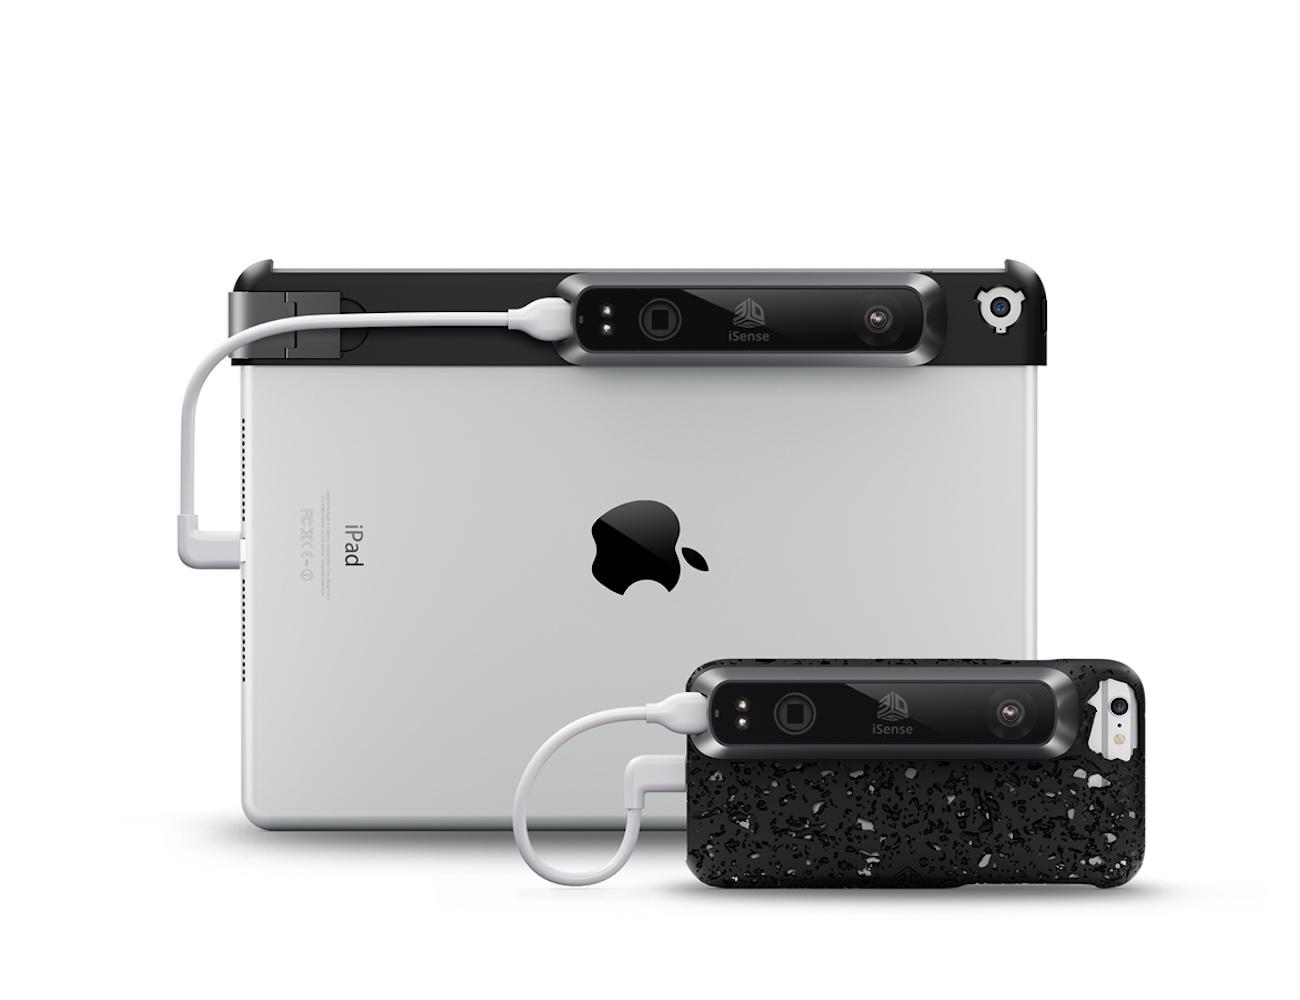 iSense 3D Scanner Kit for iPhone